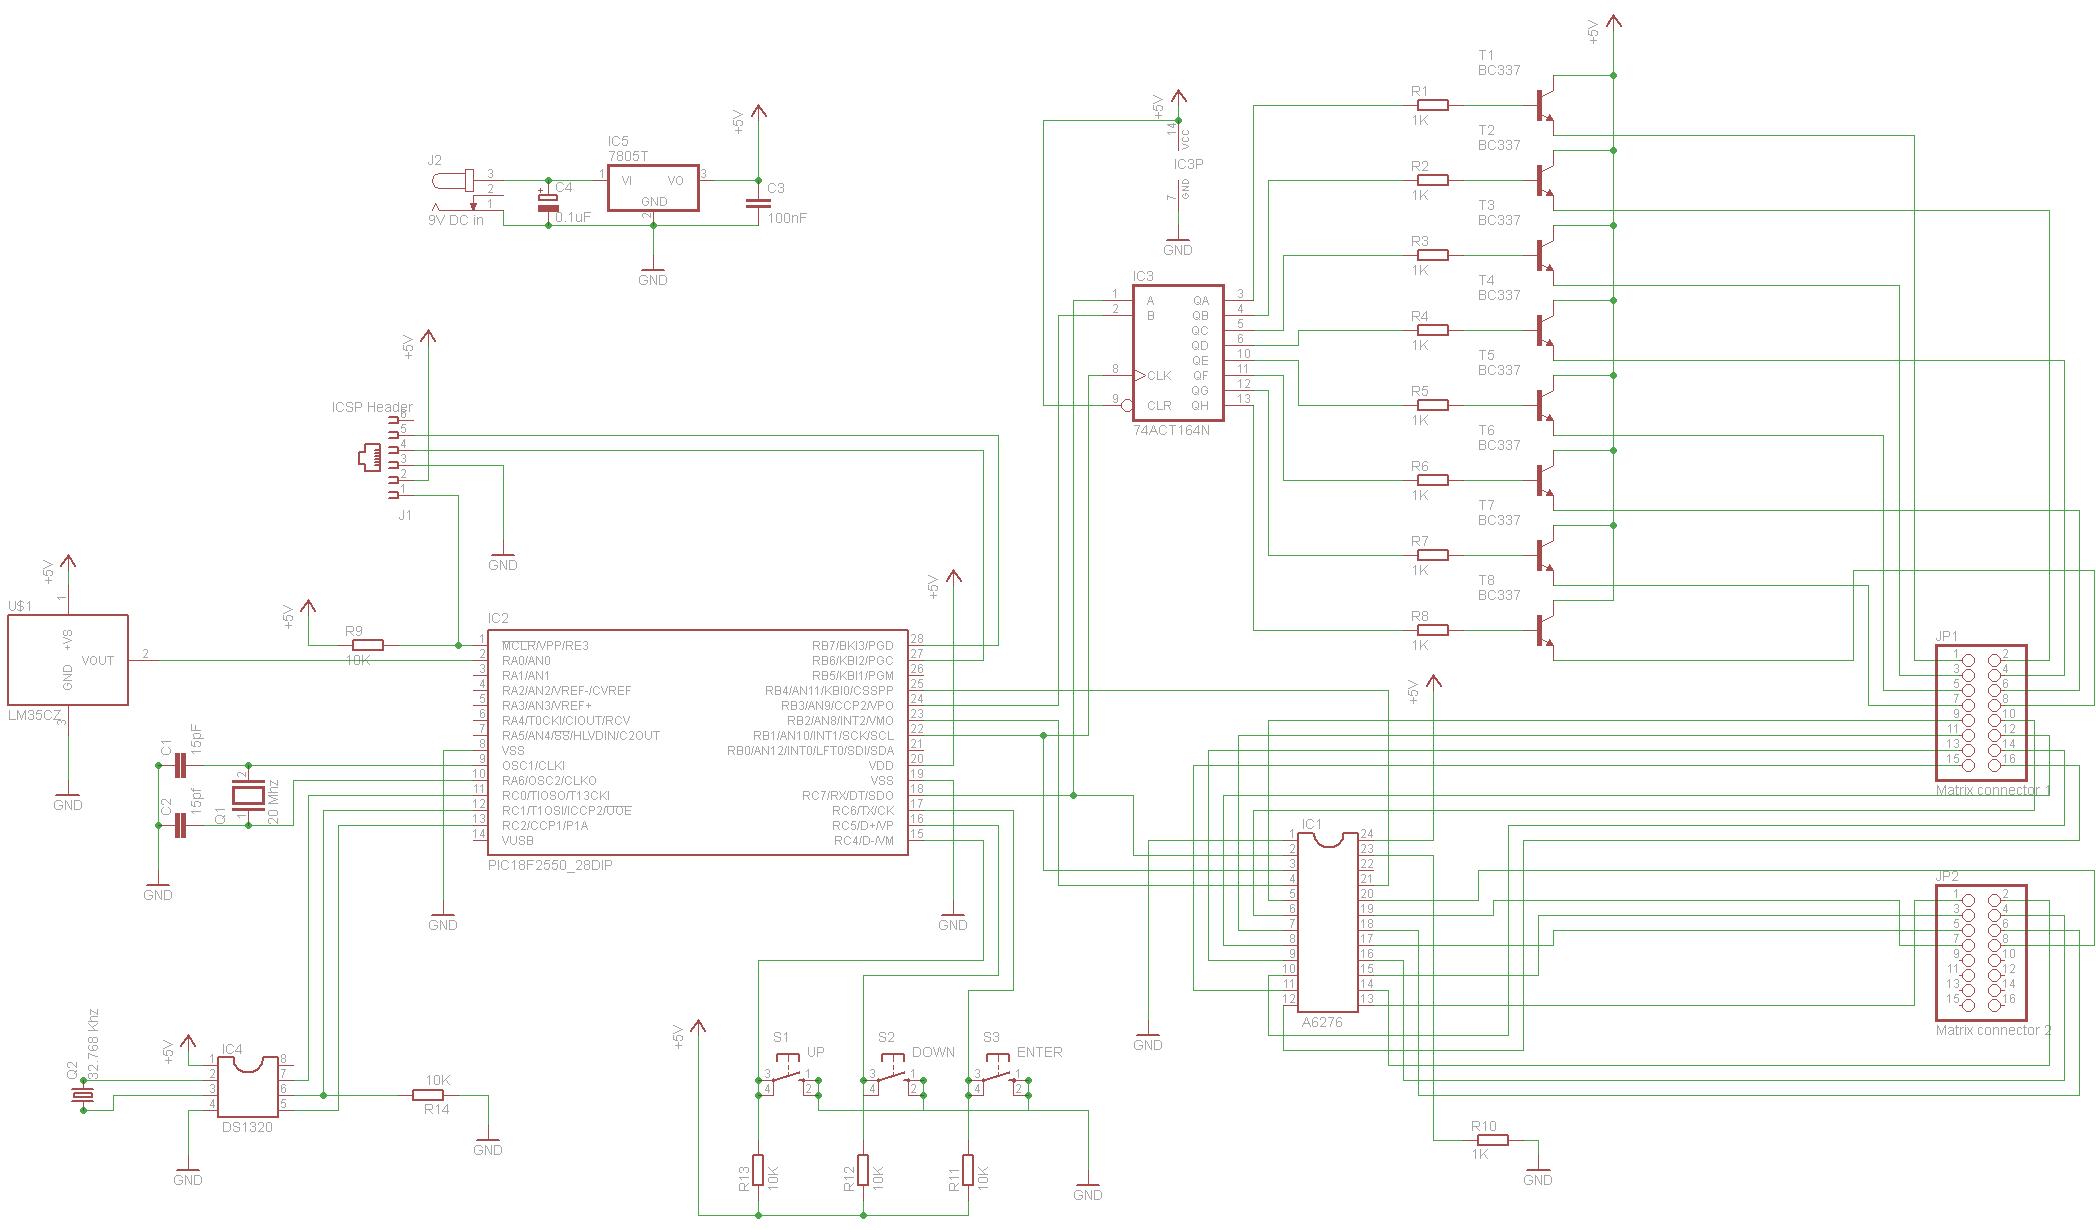 pic programmer circuit diagram